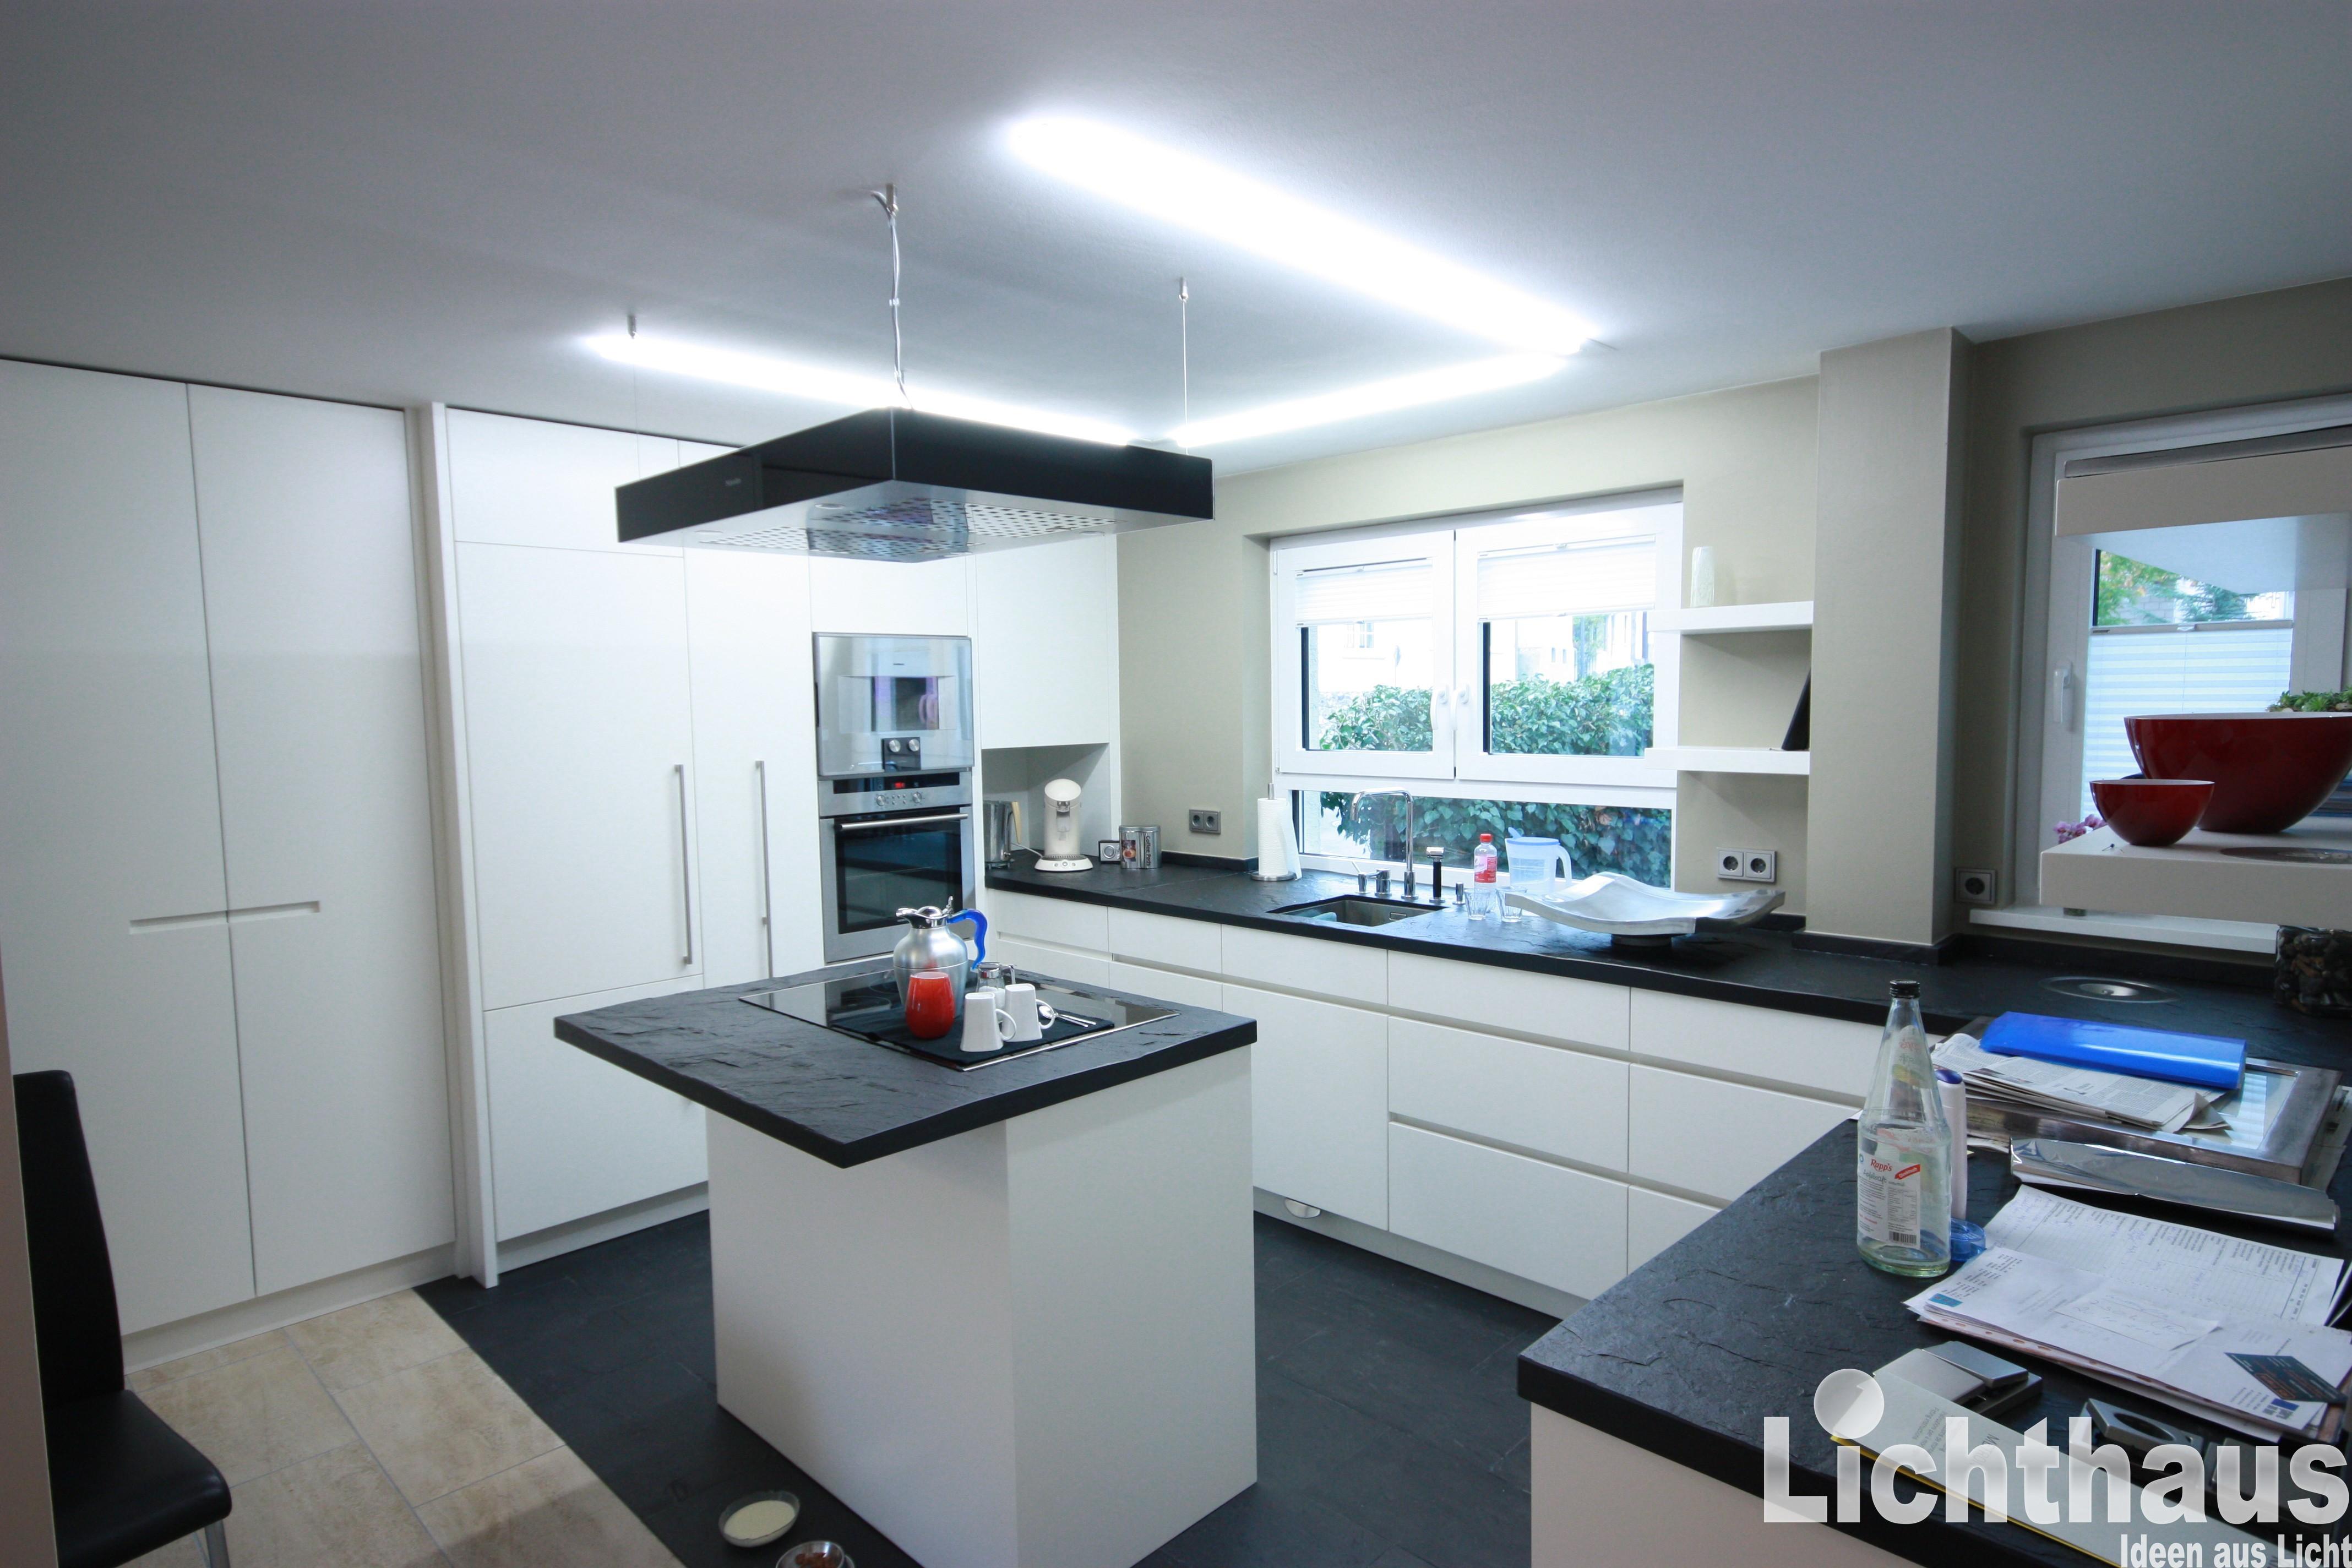 küchen - Lichthaus Ideen aus Licht